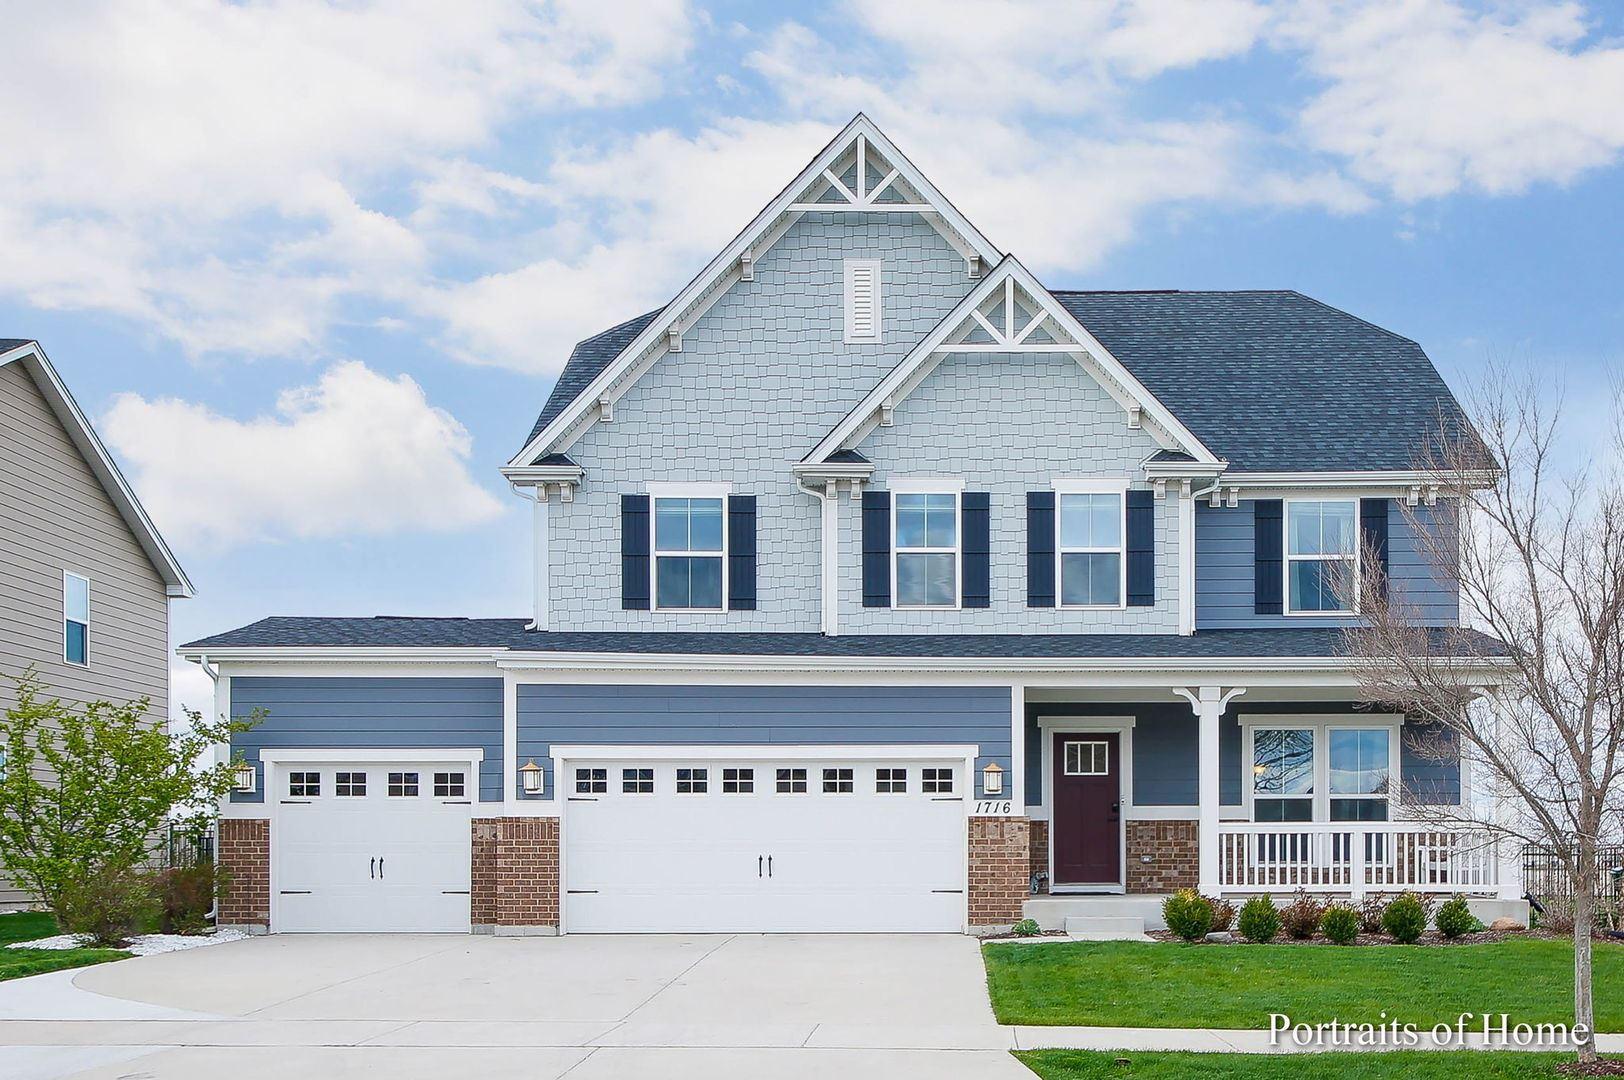 Photo of 1716 Moran Drive, Shorewood, IL 60404 (MLS # 11041357)